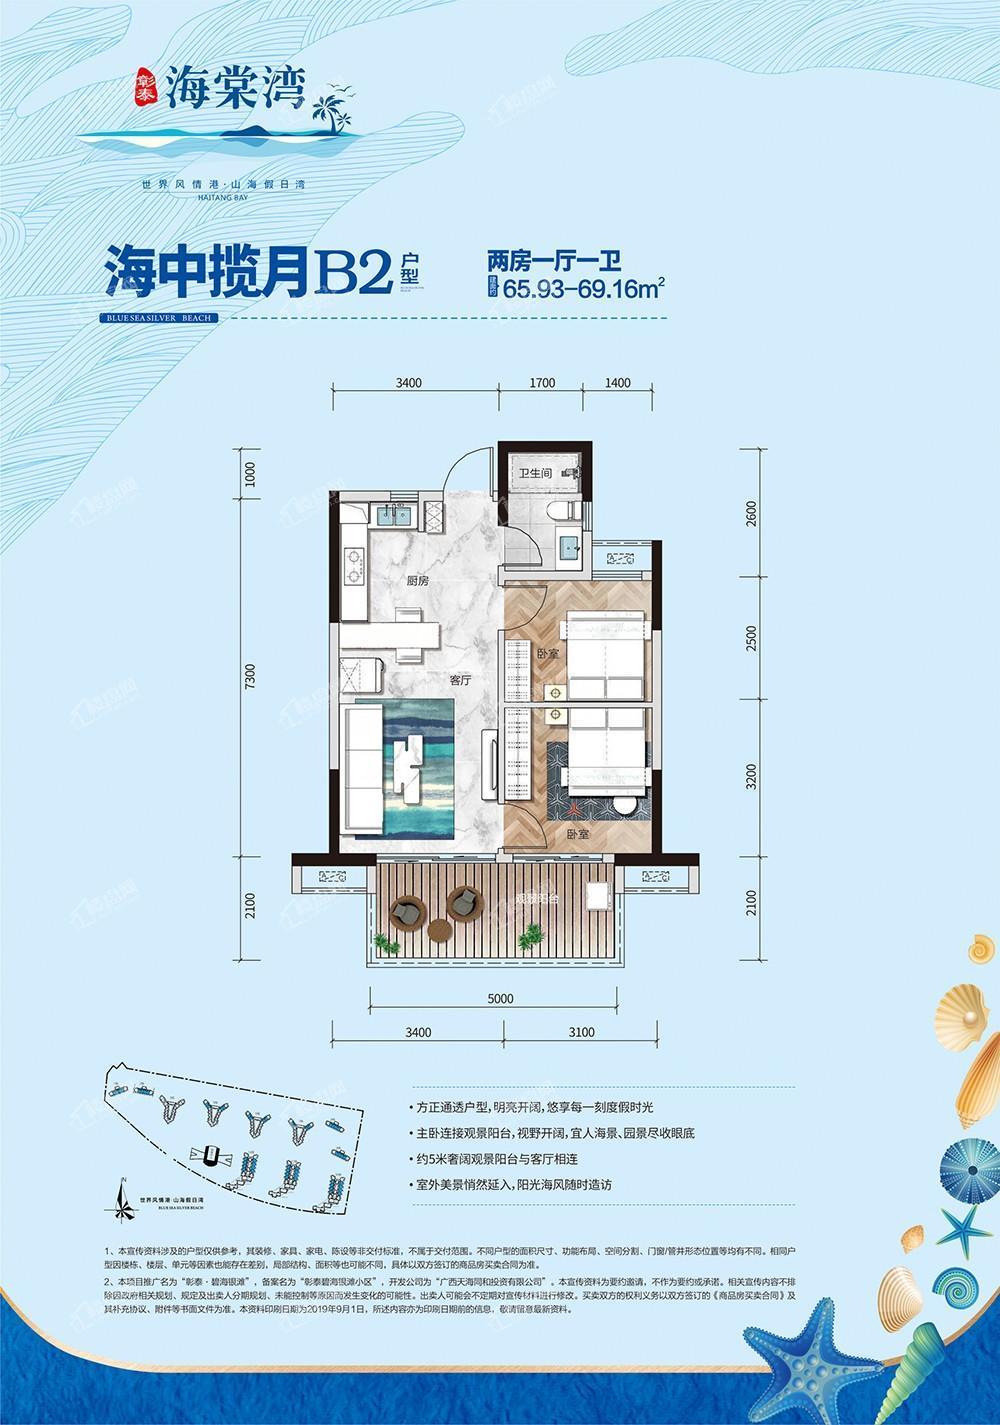 海棠湾B2户型 65.93㎡-69.16㎡两房一厅